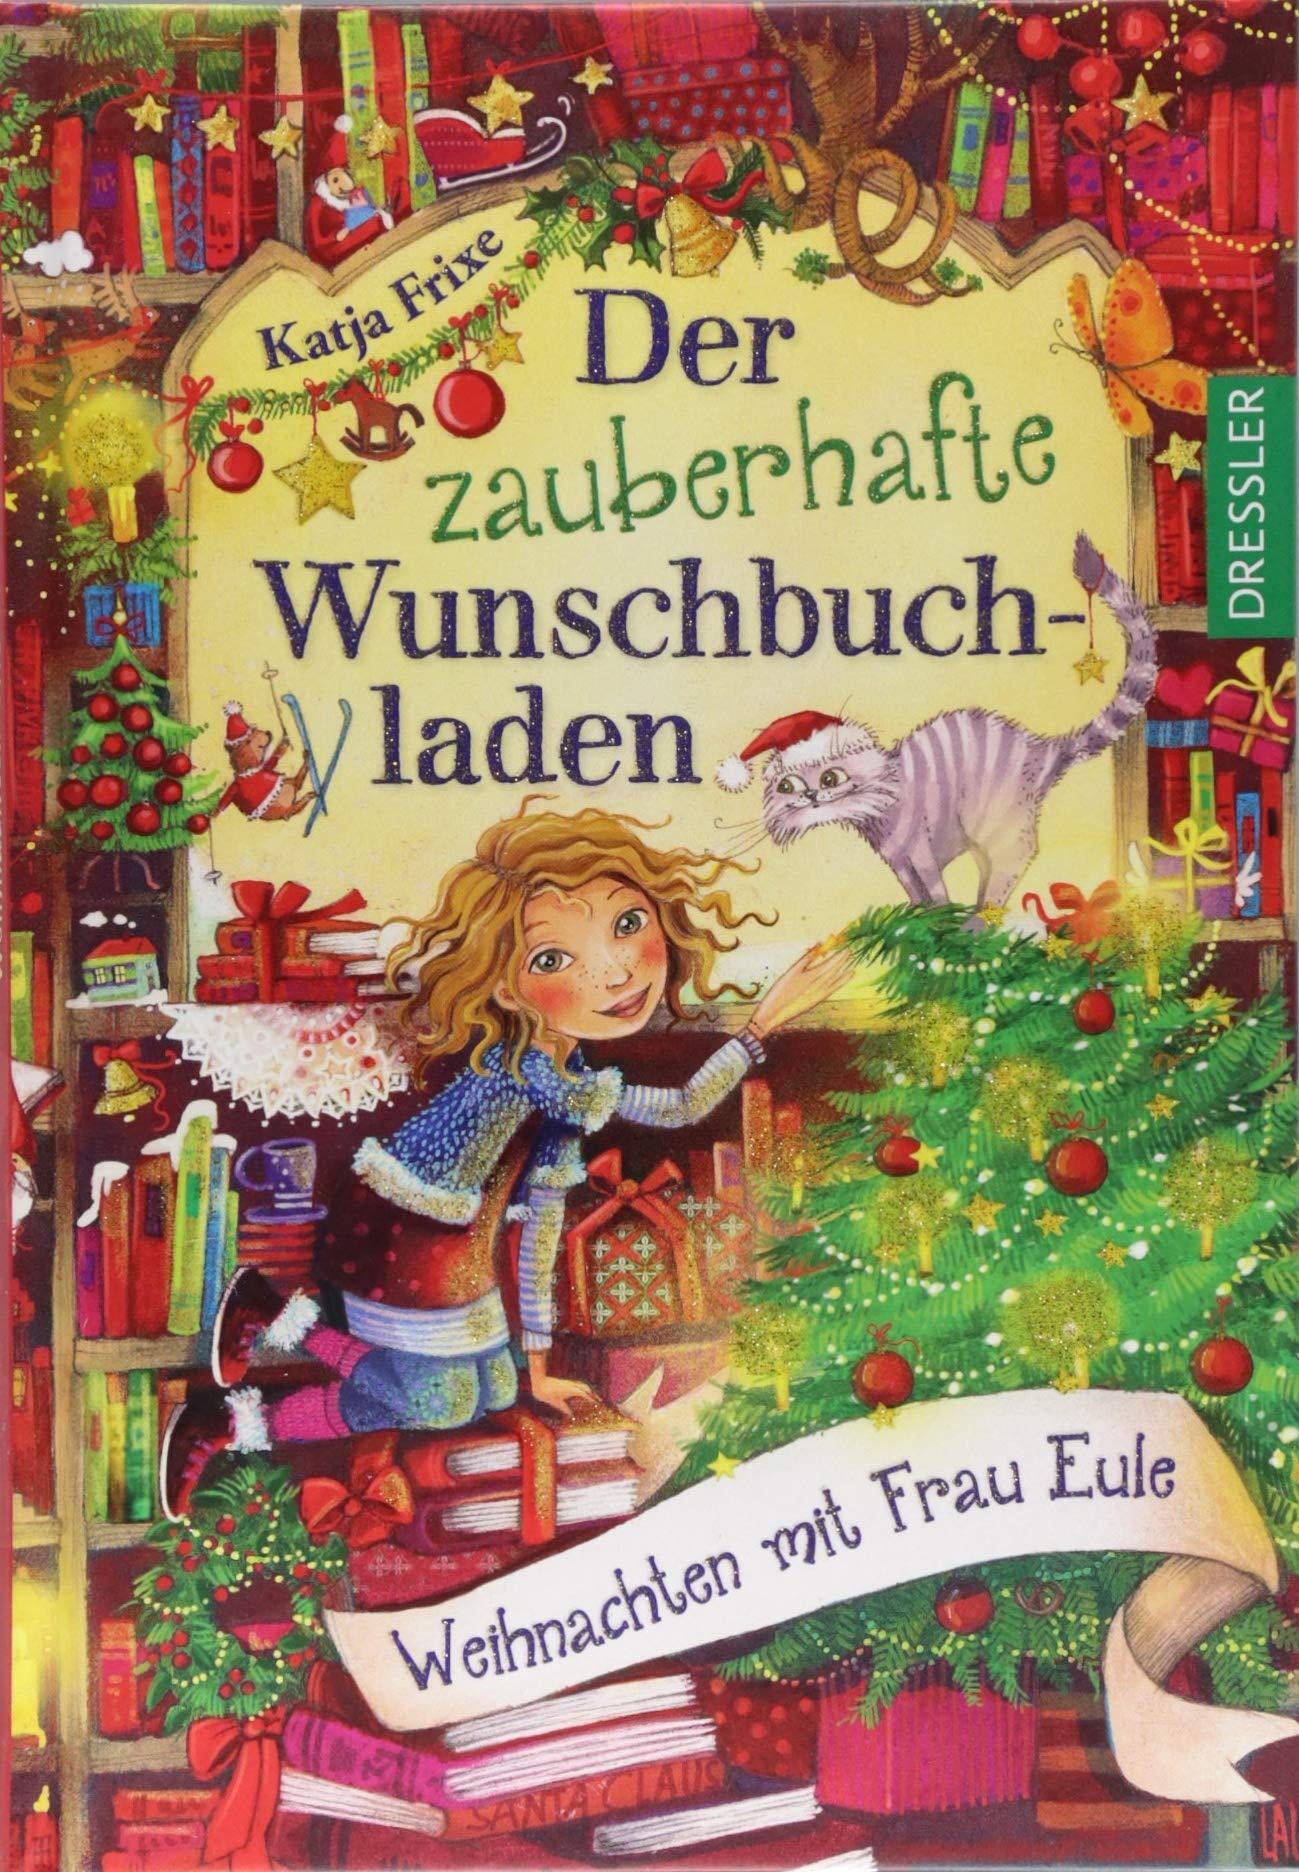 Der zauberhafte Wunschbuchladen: Weihnachten mit Frau Eule: Amazon ...